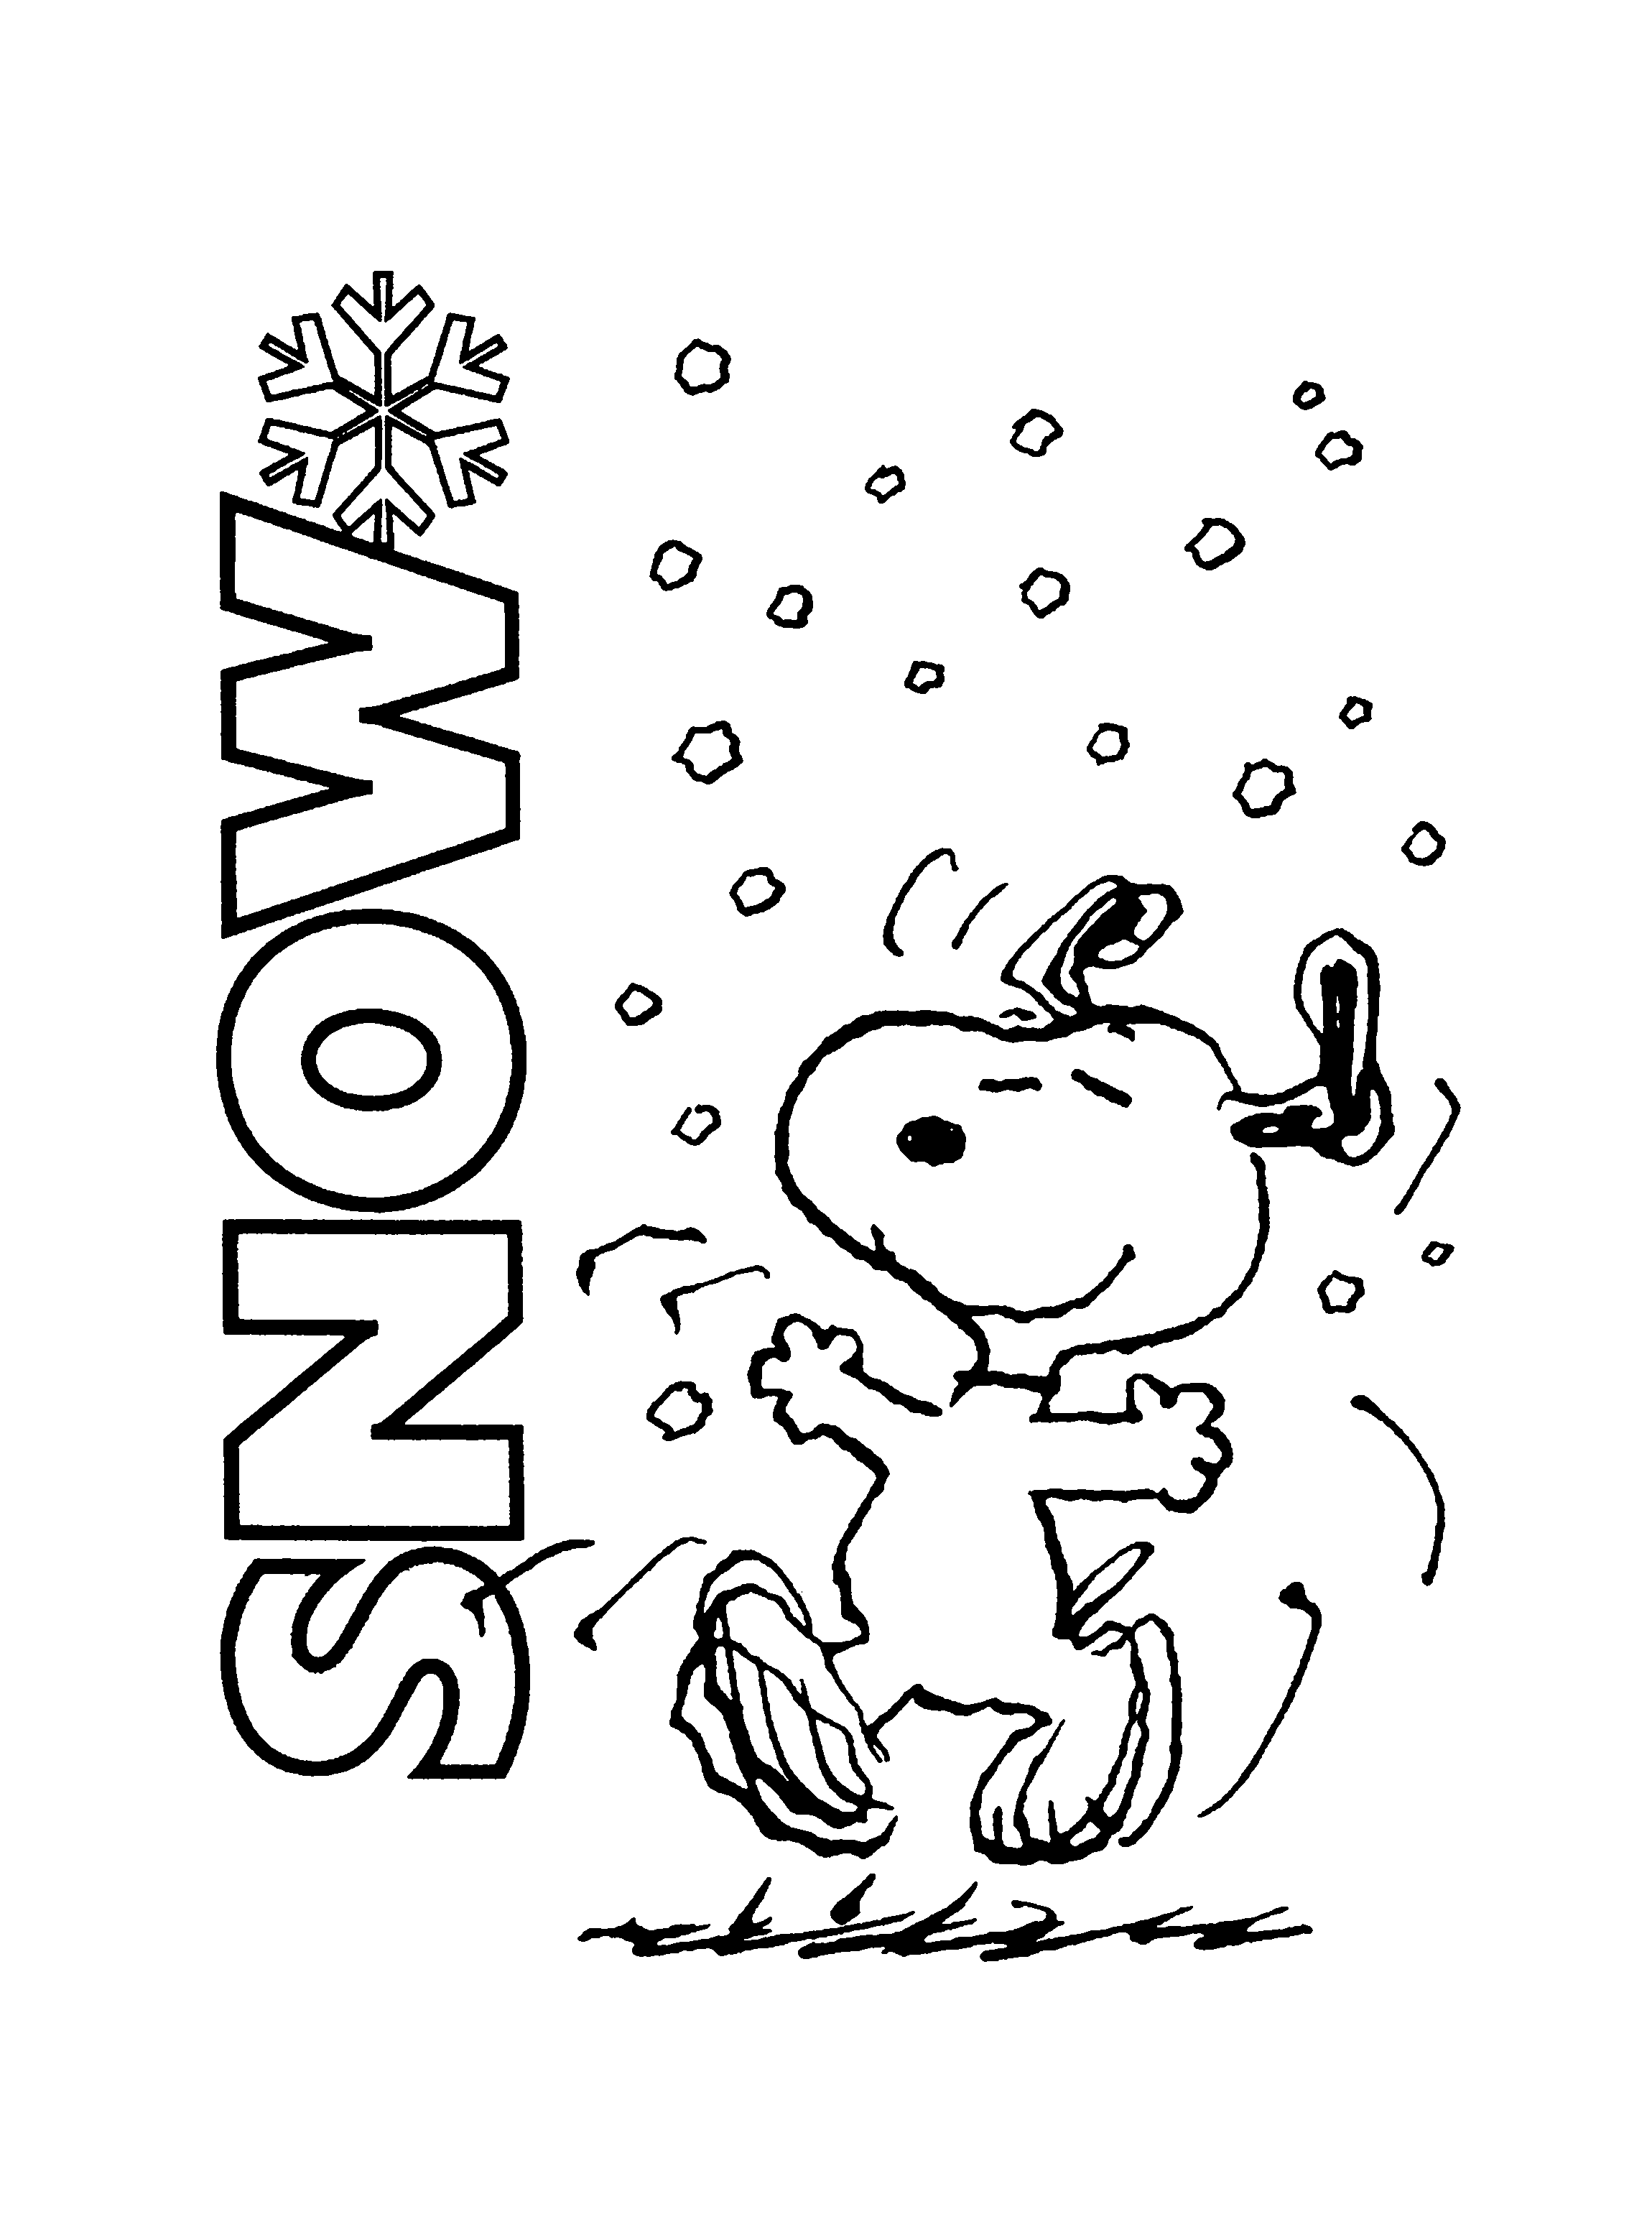 peanuts xmas coloring and activity book | ピーナッツのスヌーピー